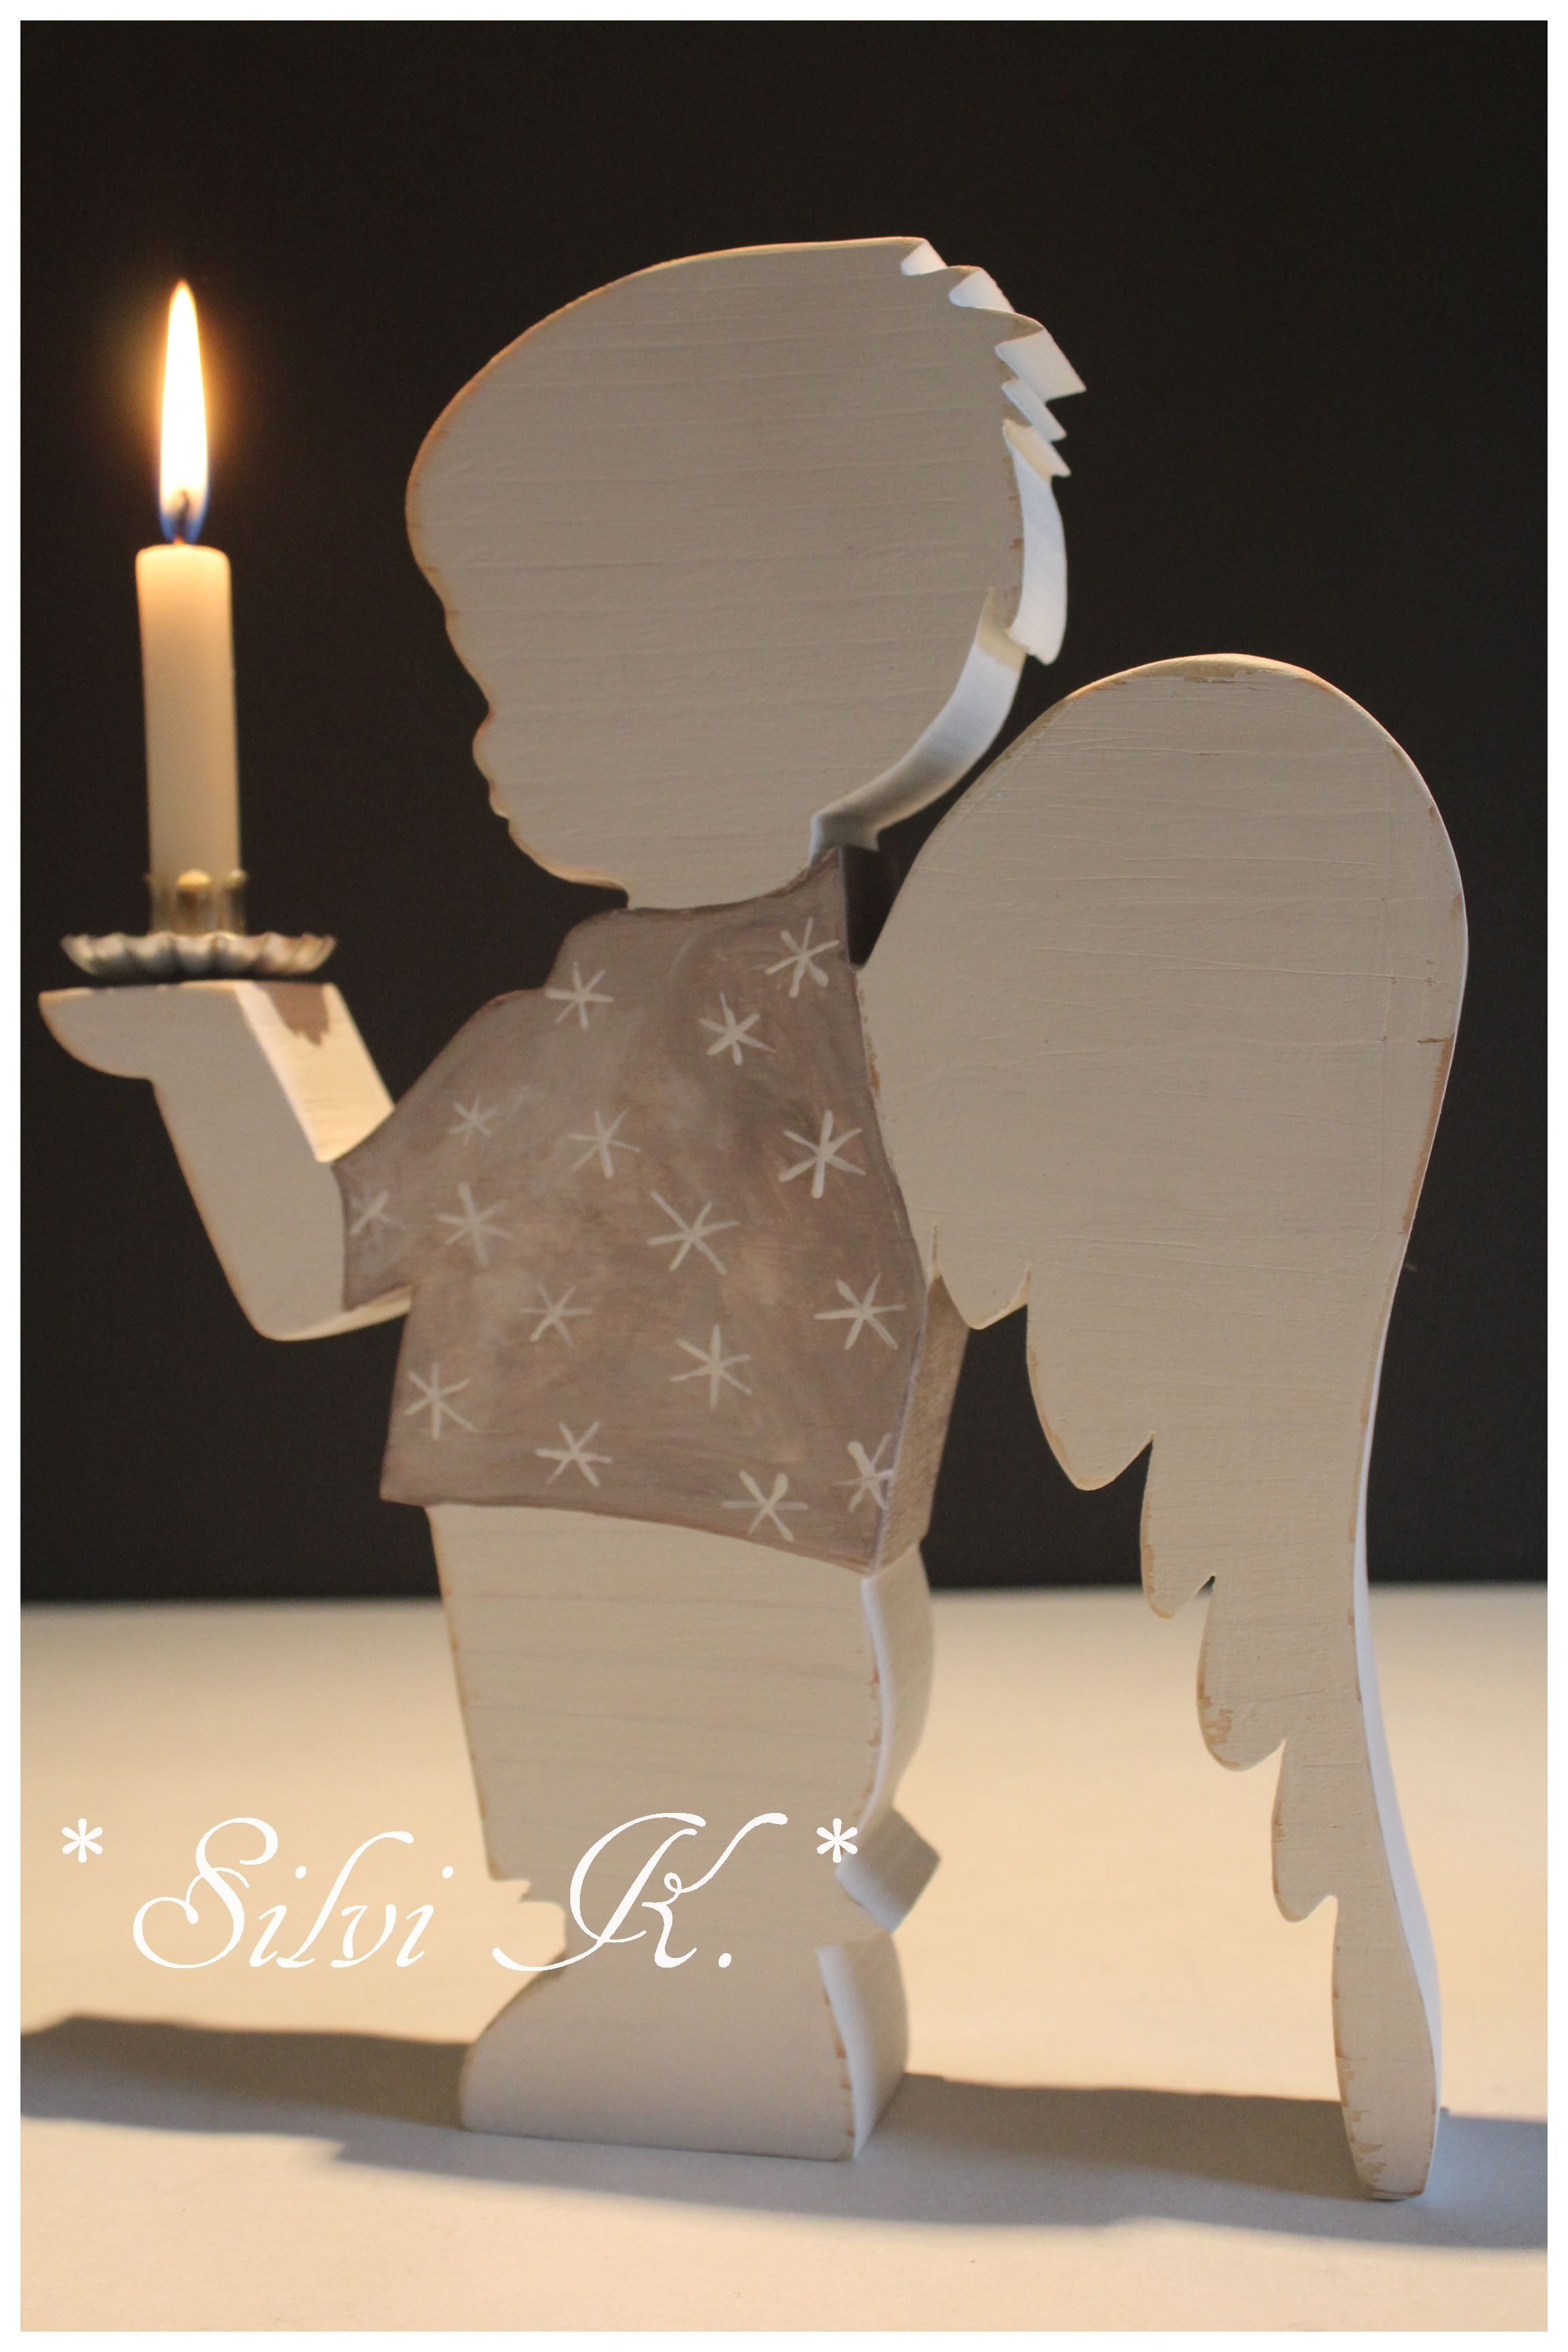 Shabby engel leuchter bub 26 5 cm gro engelchen holz und shops - Holzarbeiten weihnachten ...